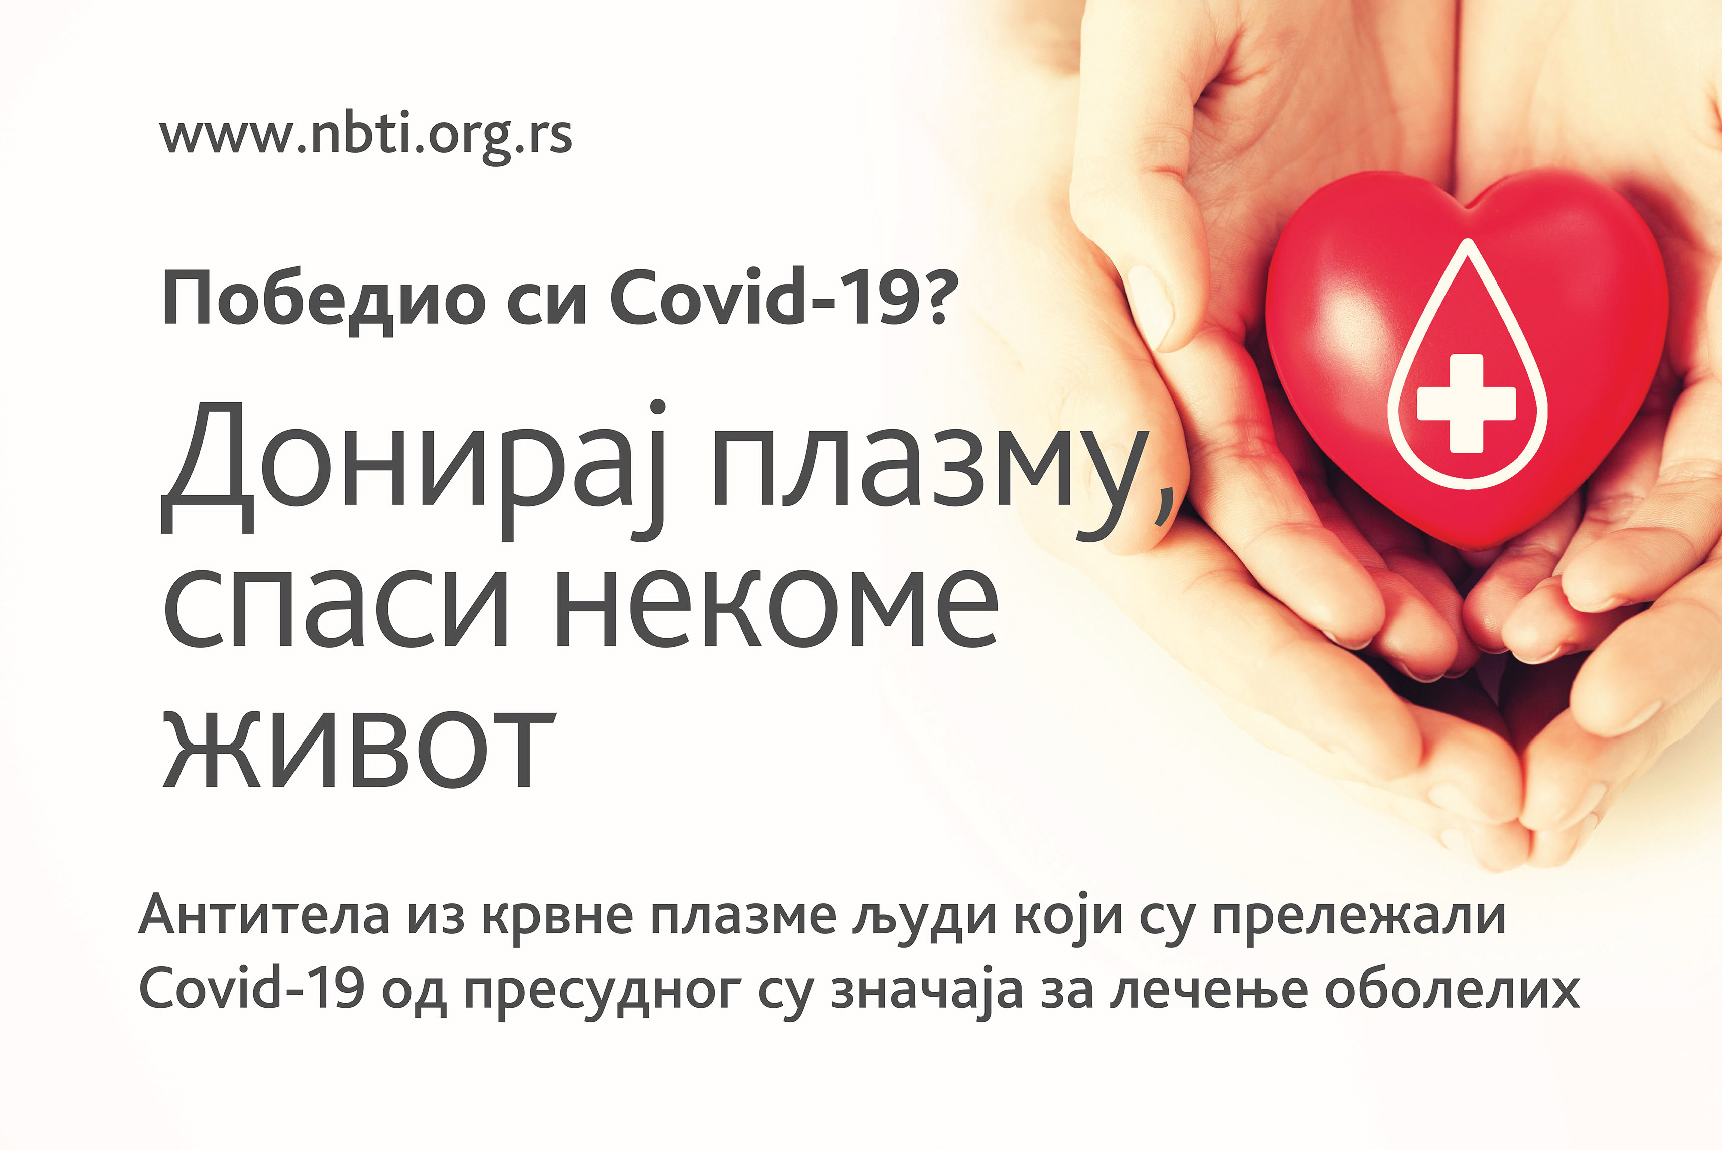 Победио си COVID-19? Донирај плазму. Спаси некоме живот.